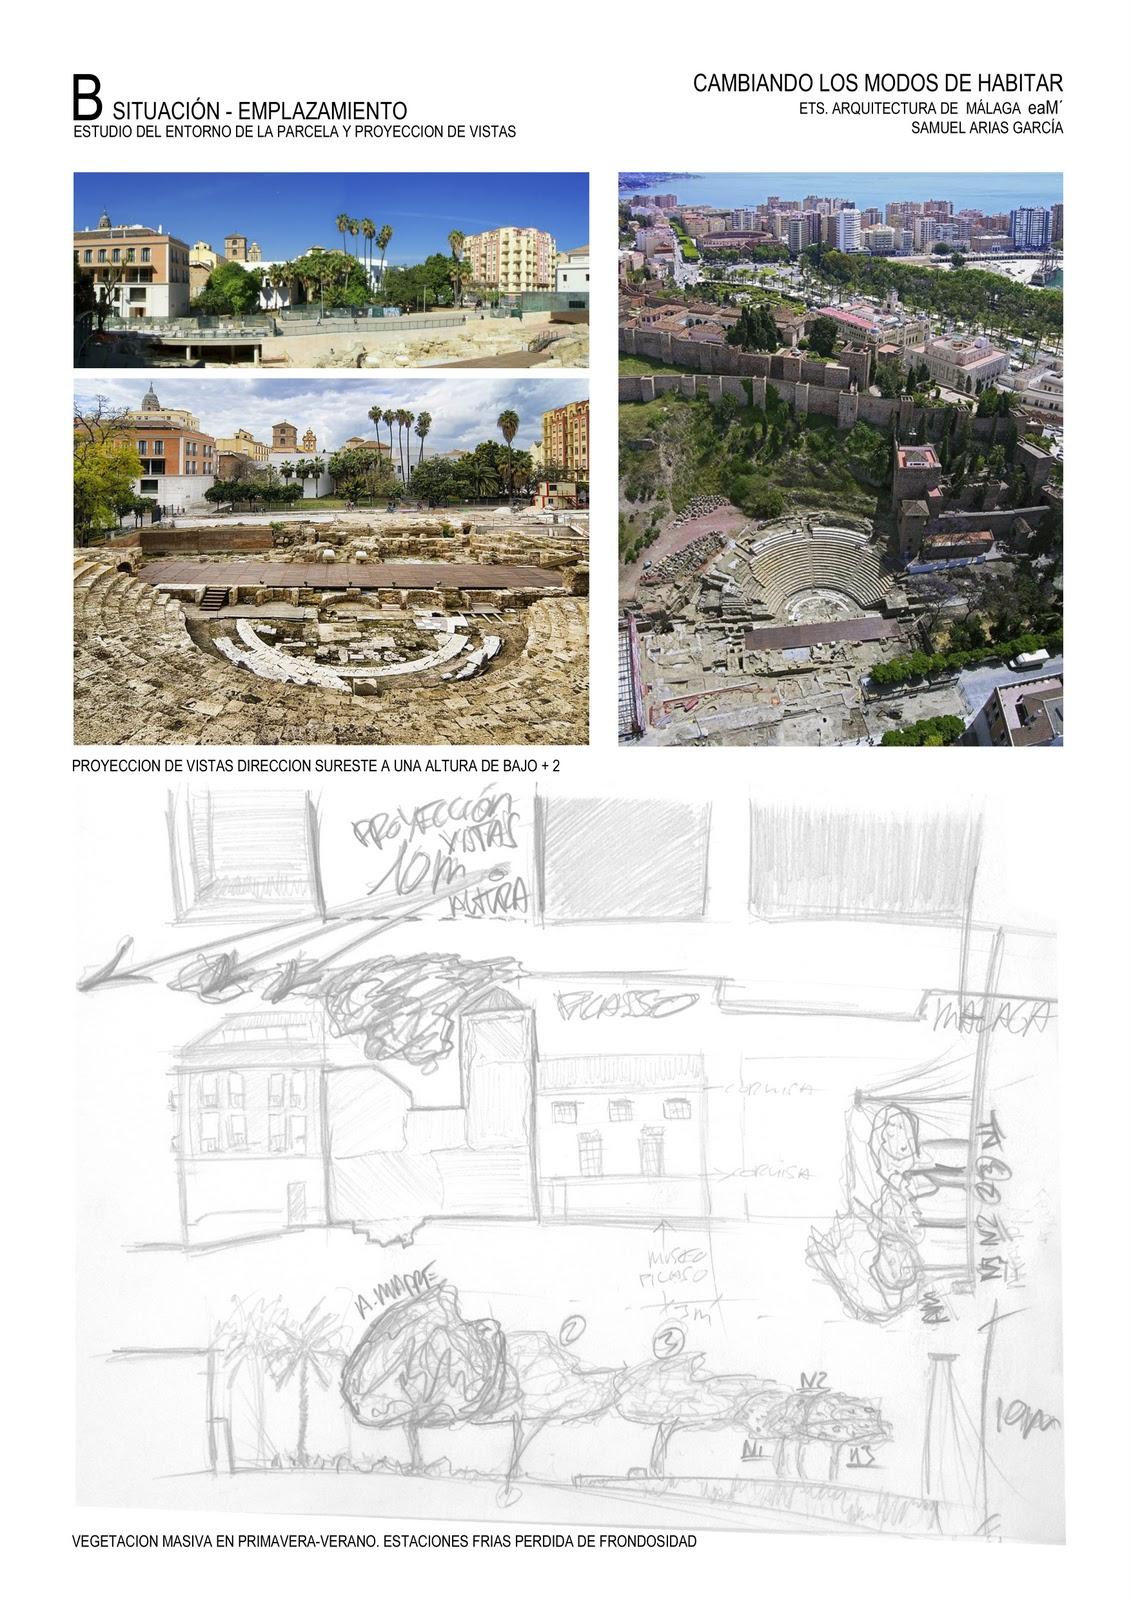 Sk studio cambiando los modos de habitar vivienda colectiva en calle alcazabilla - Ets arquitectura malaga ...